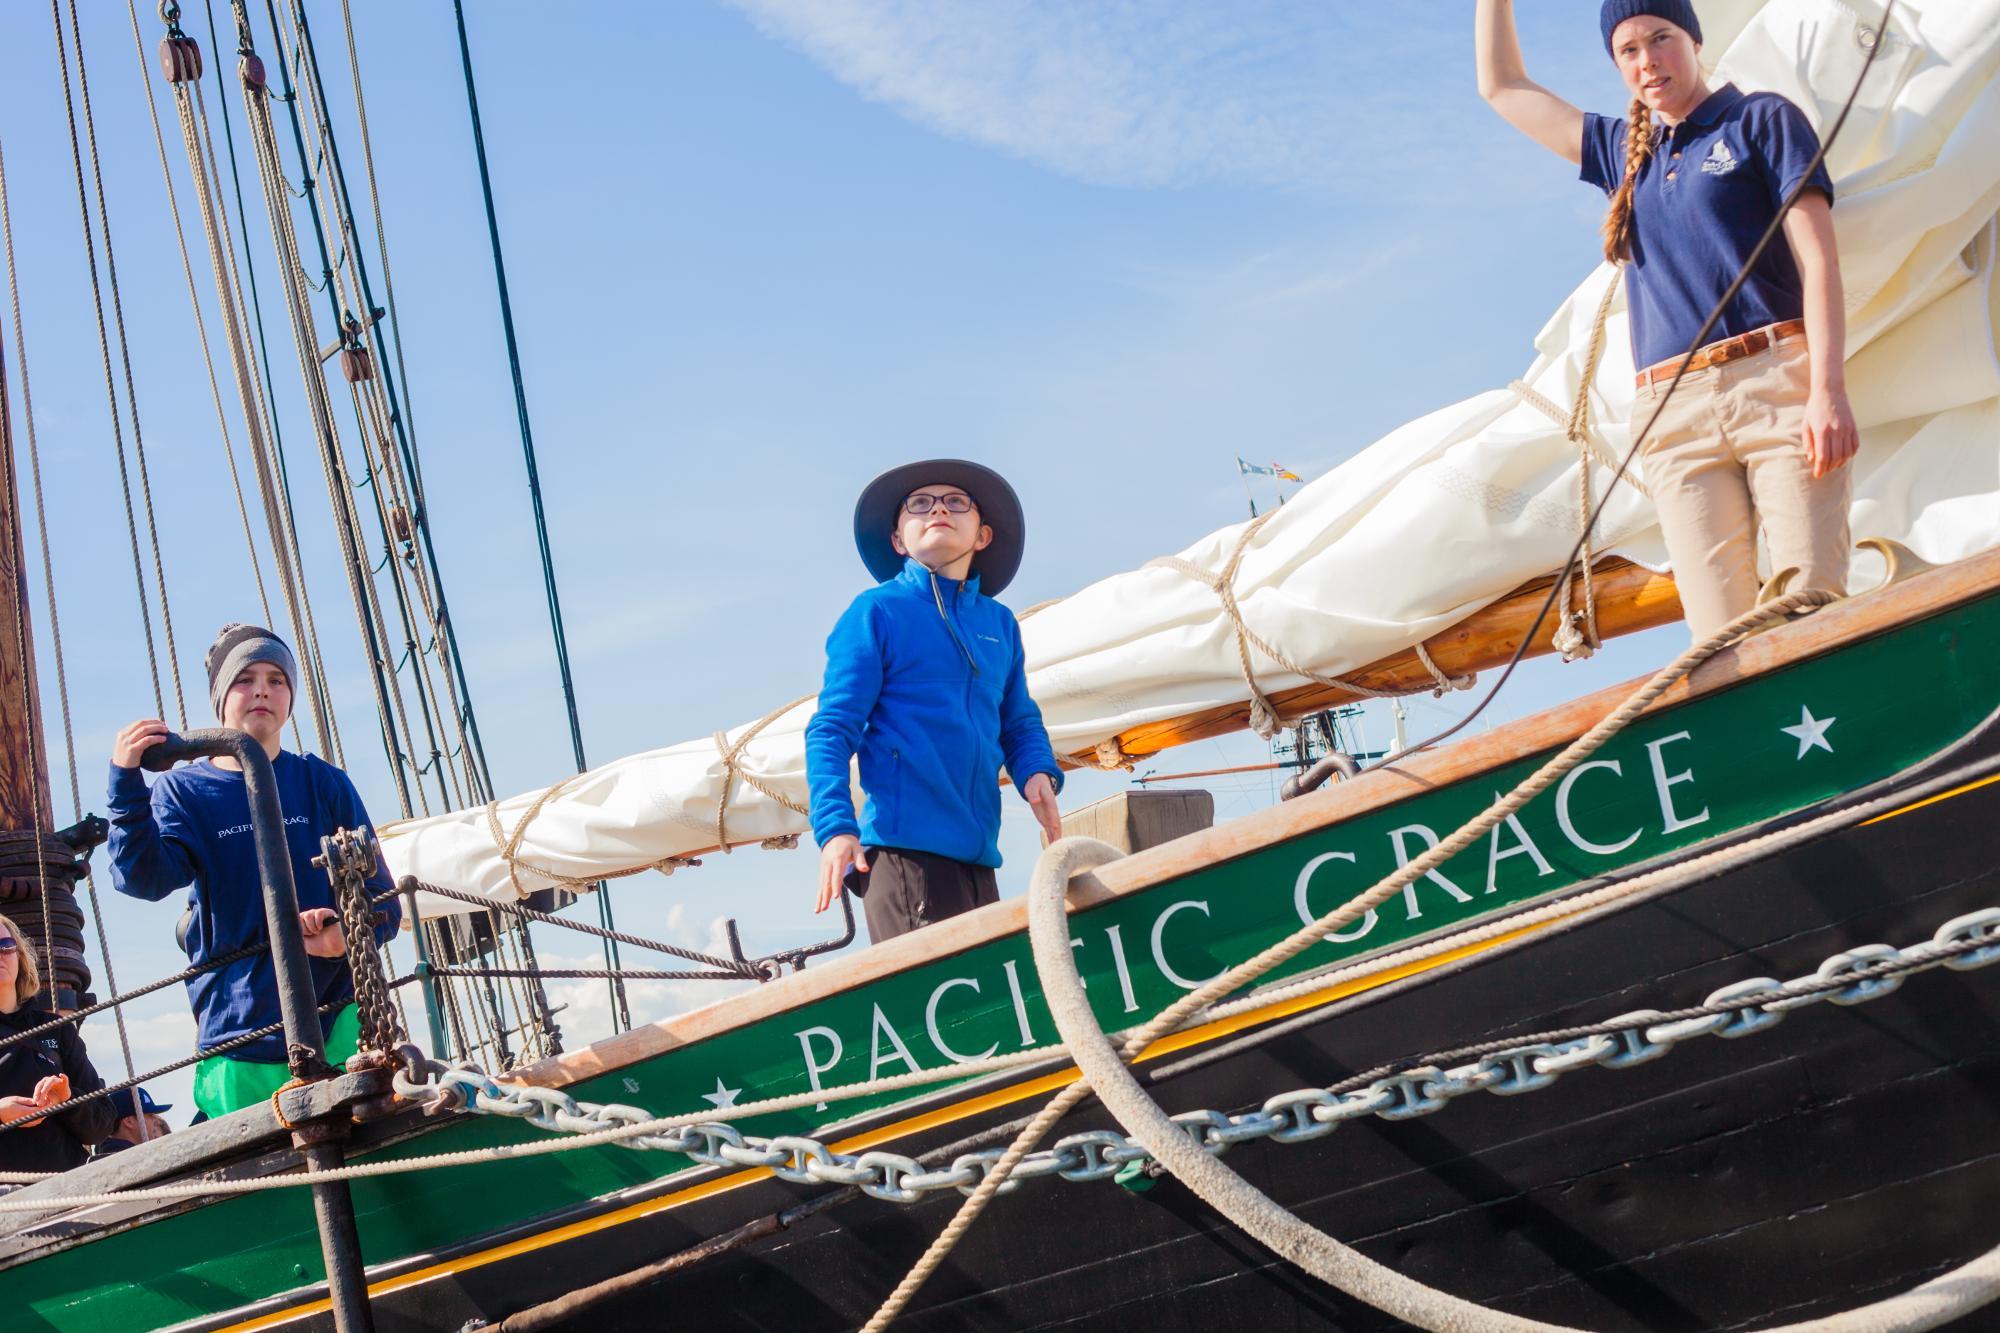 fe3b62b1682 PacificGrace - YBlog - YB Tracking